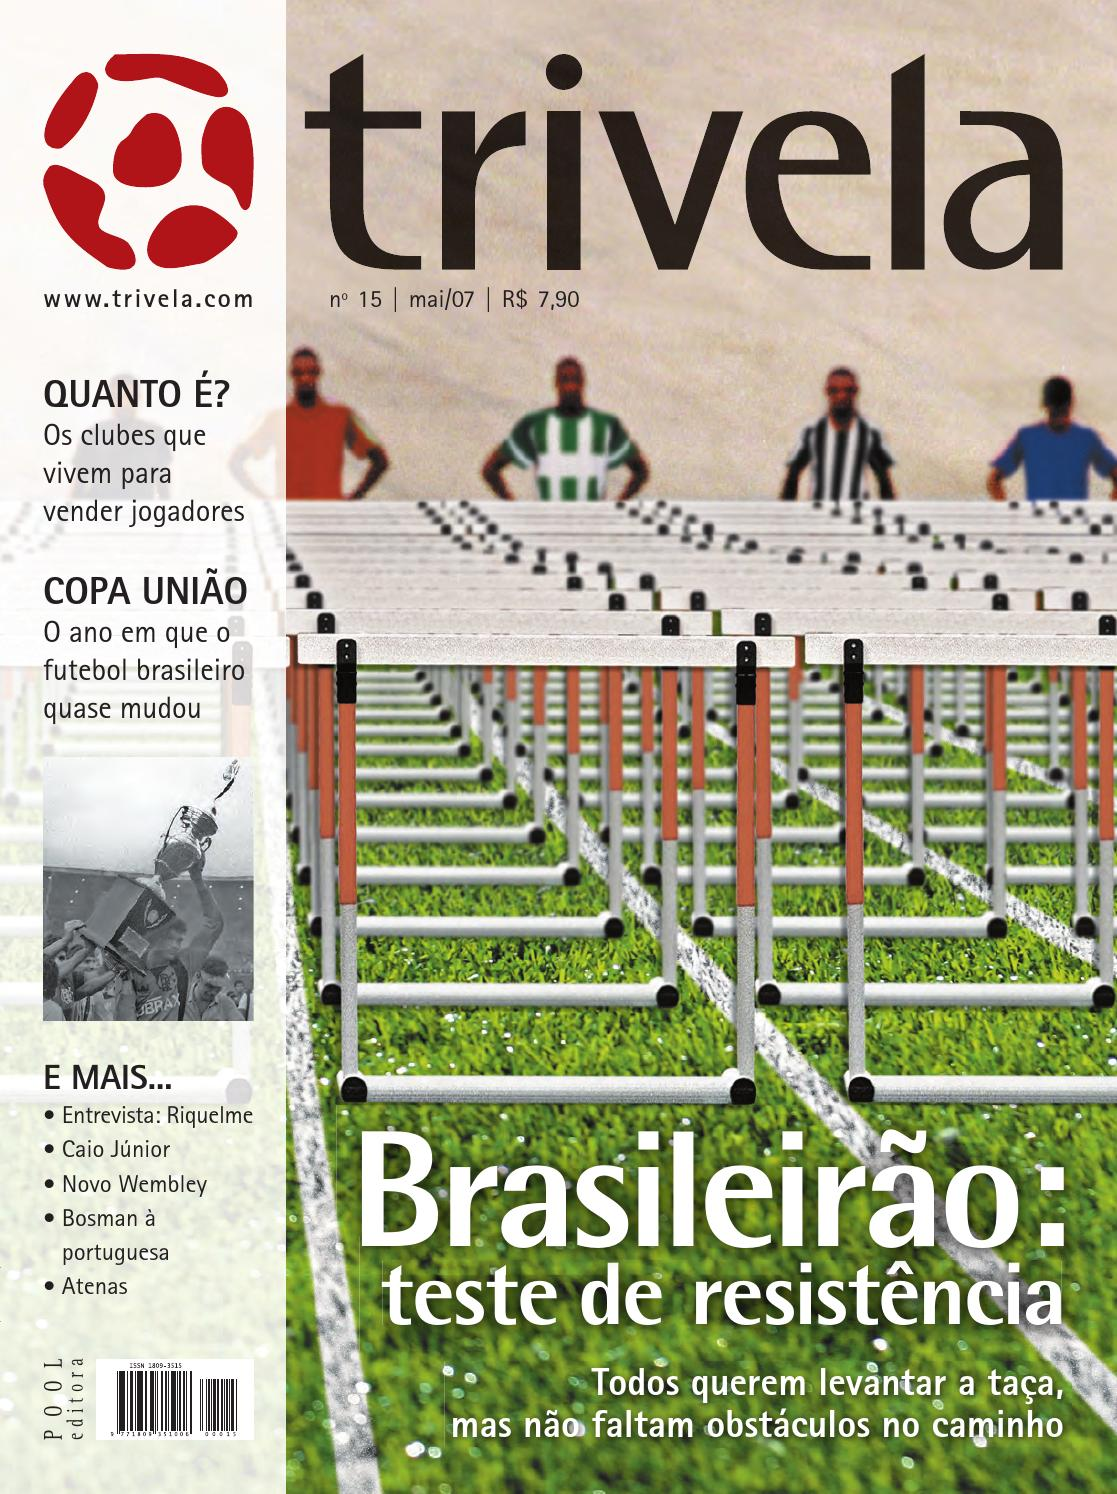 Trivela 15 (mai 07) by °F451 - issuu adfe64d95356a